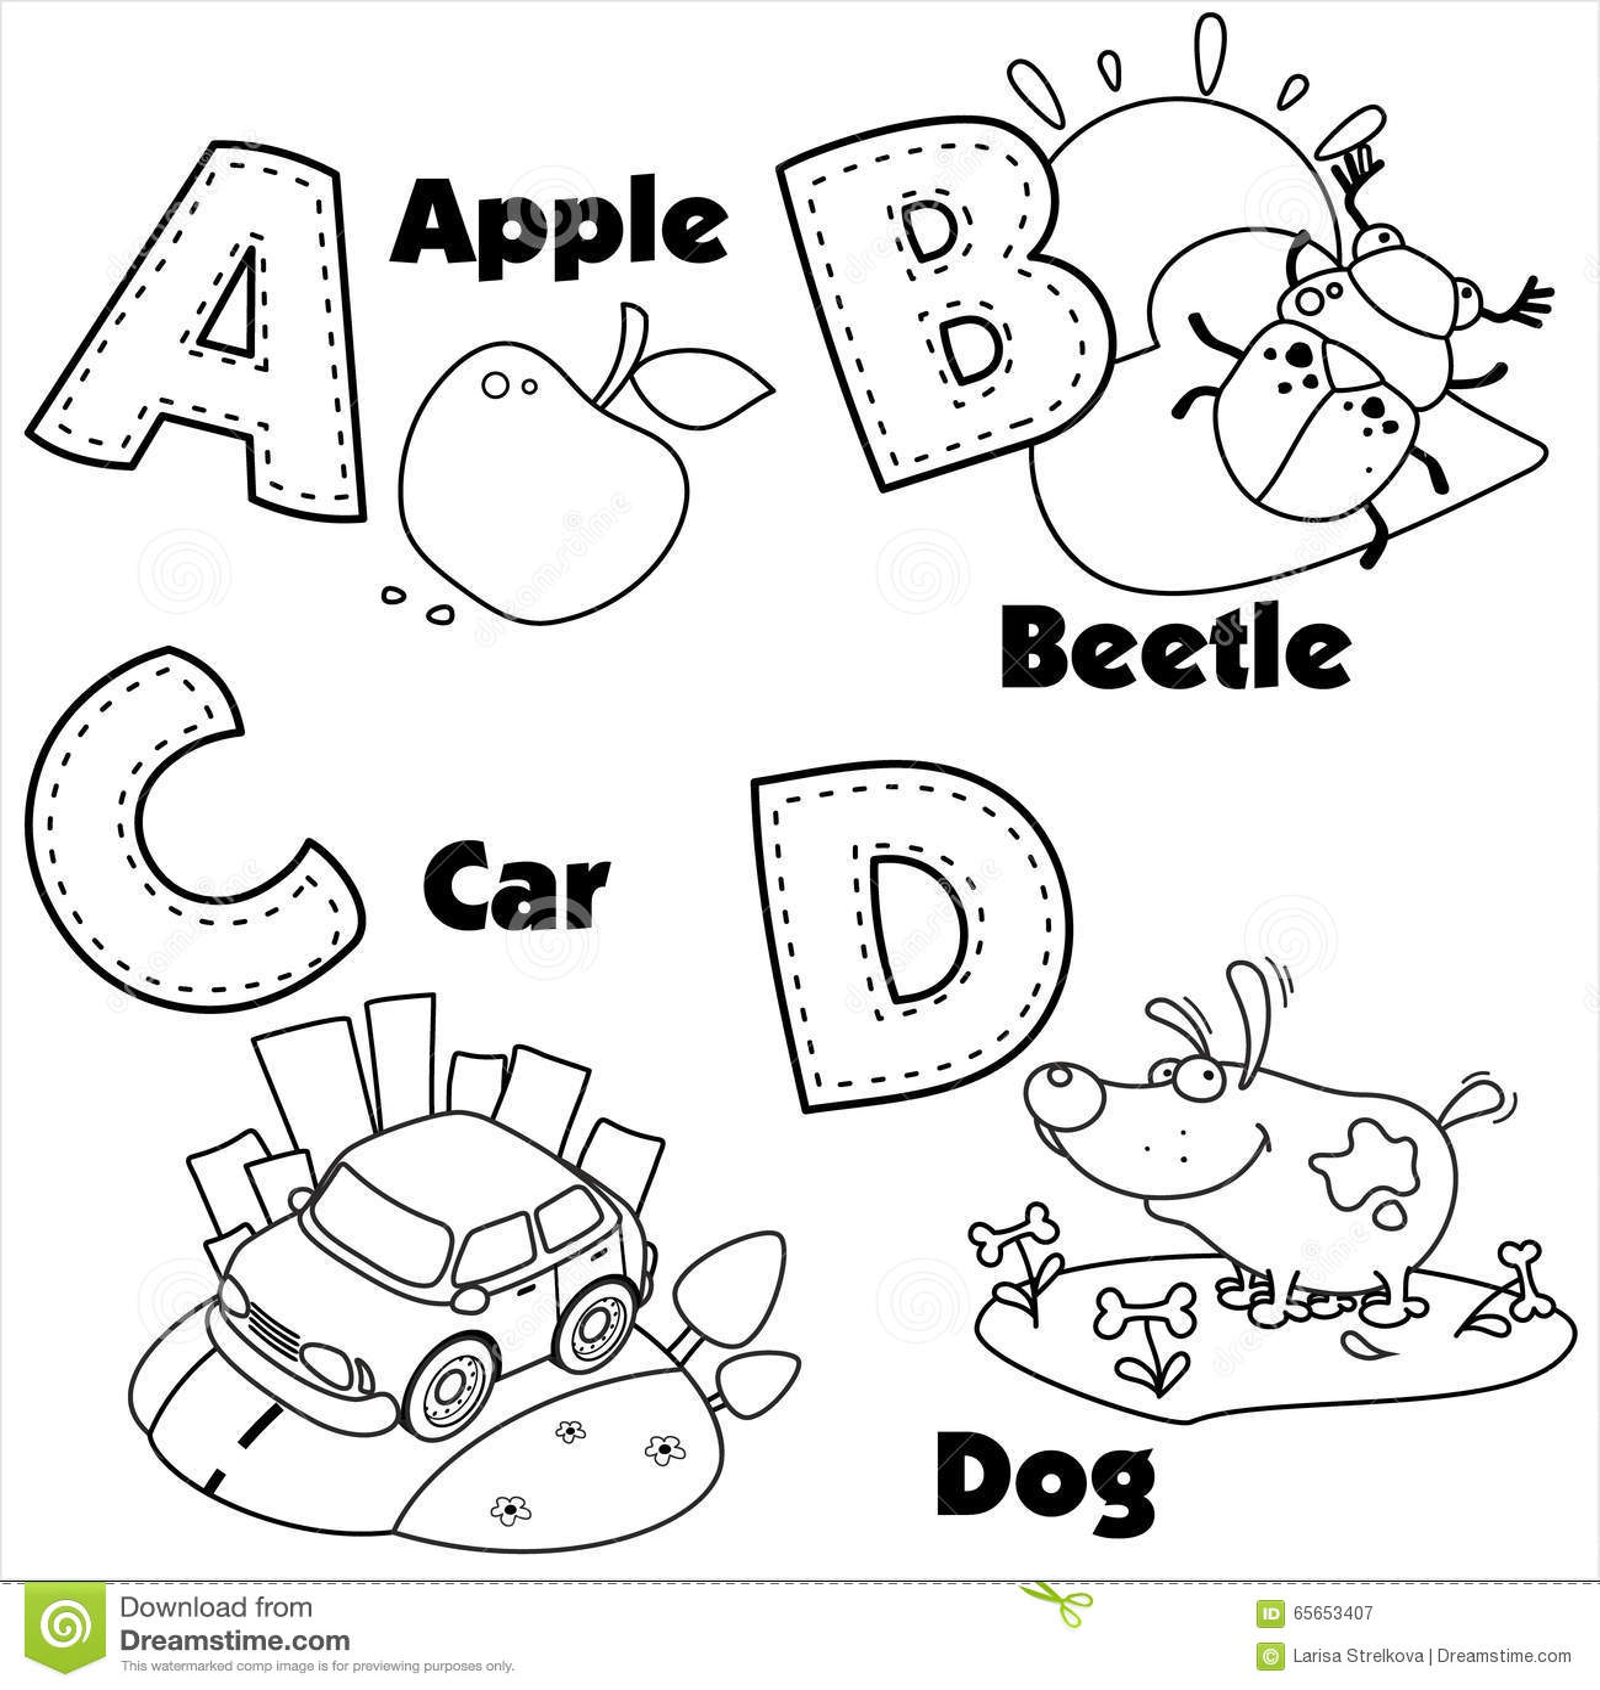 和岳�y/d�/c_英语字母表的着色和在他们的信件a,b,c和d和图片.